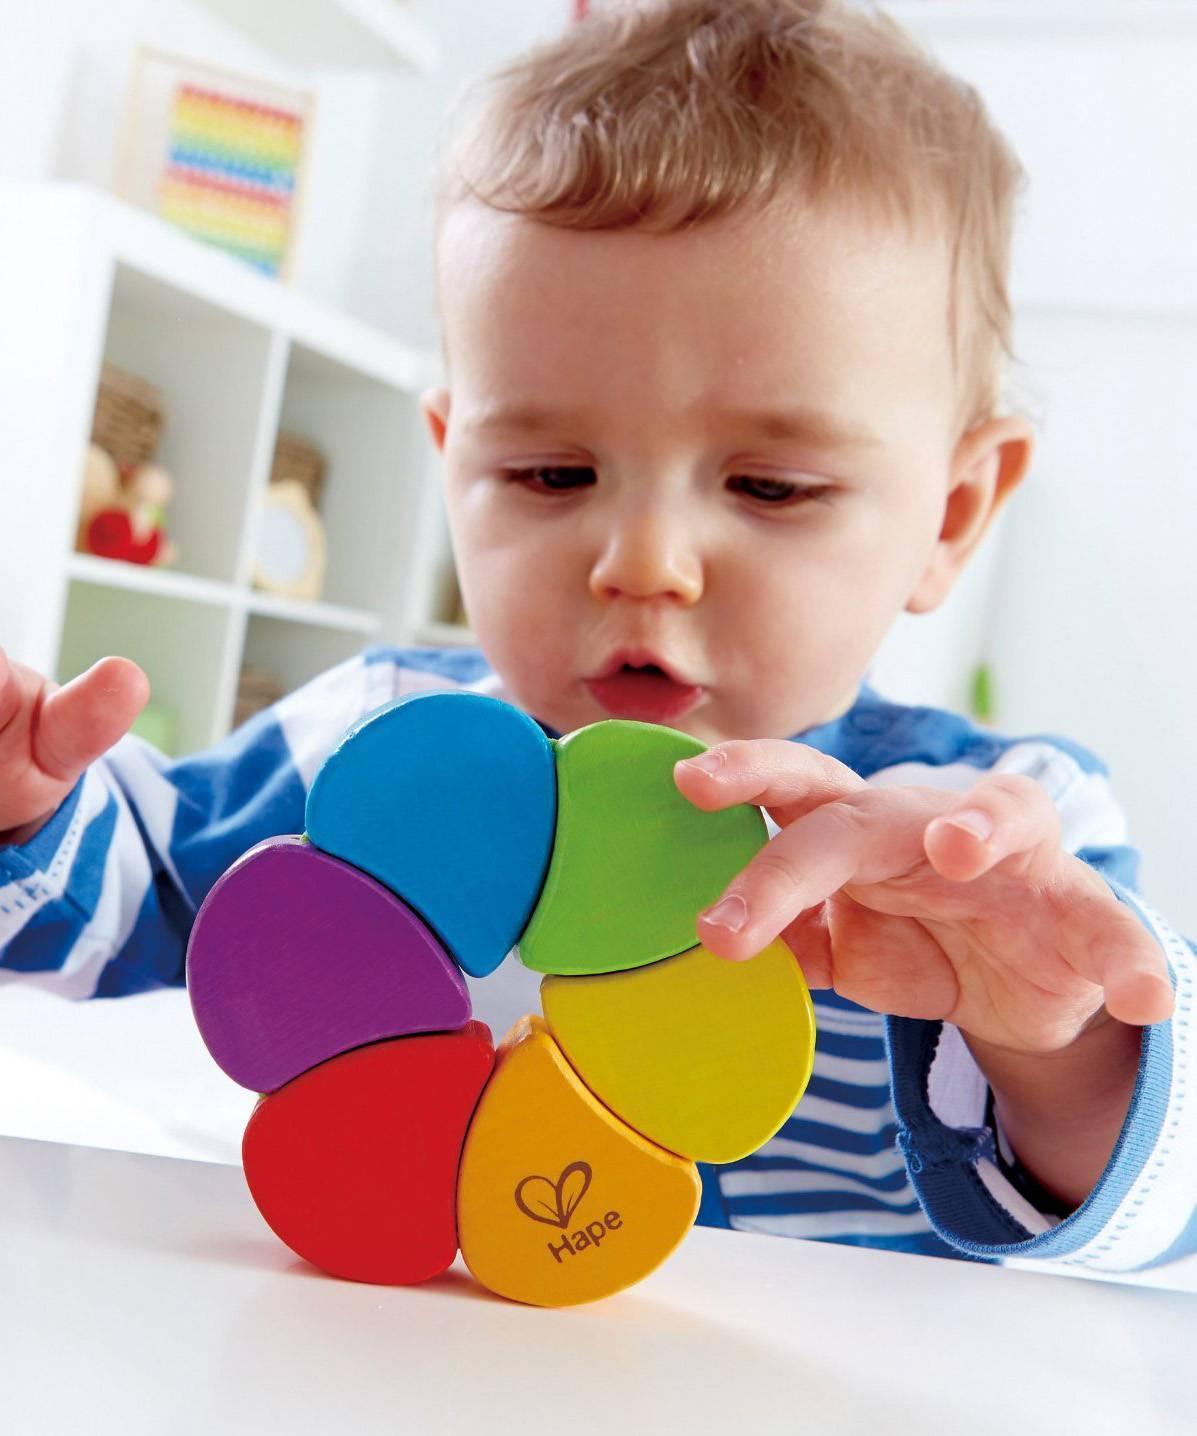 Как и с какого возраста начинать изучать цвета с ребёнком - 1